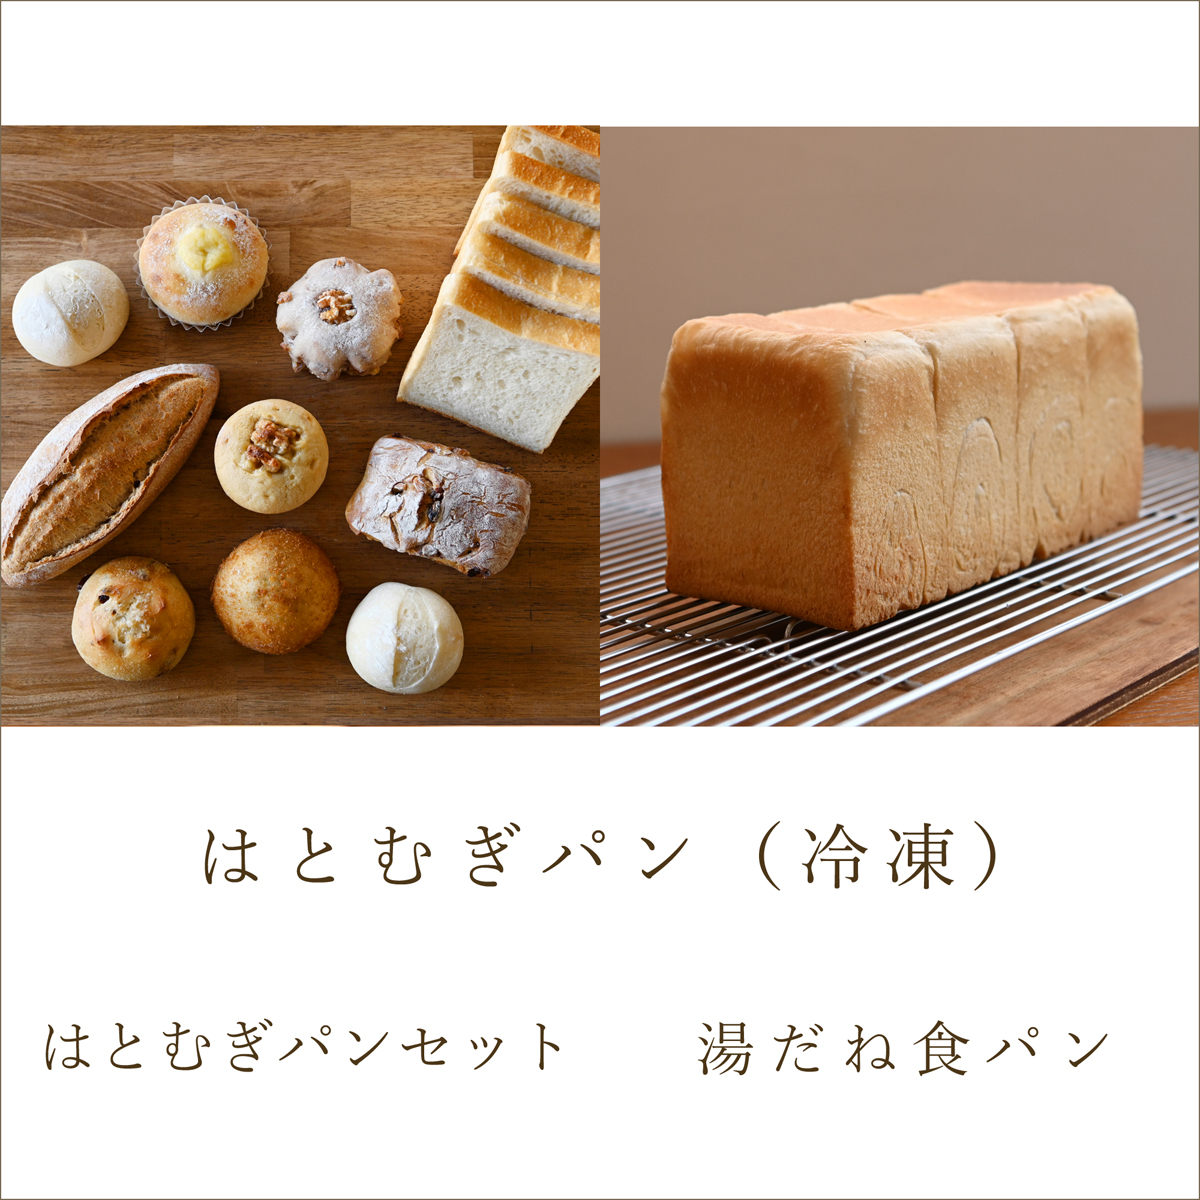 はとむぎパン